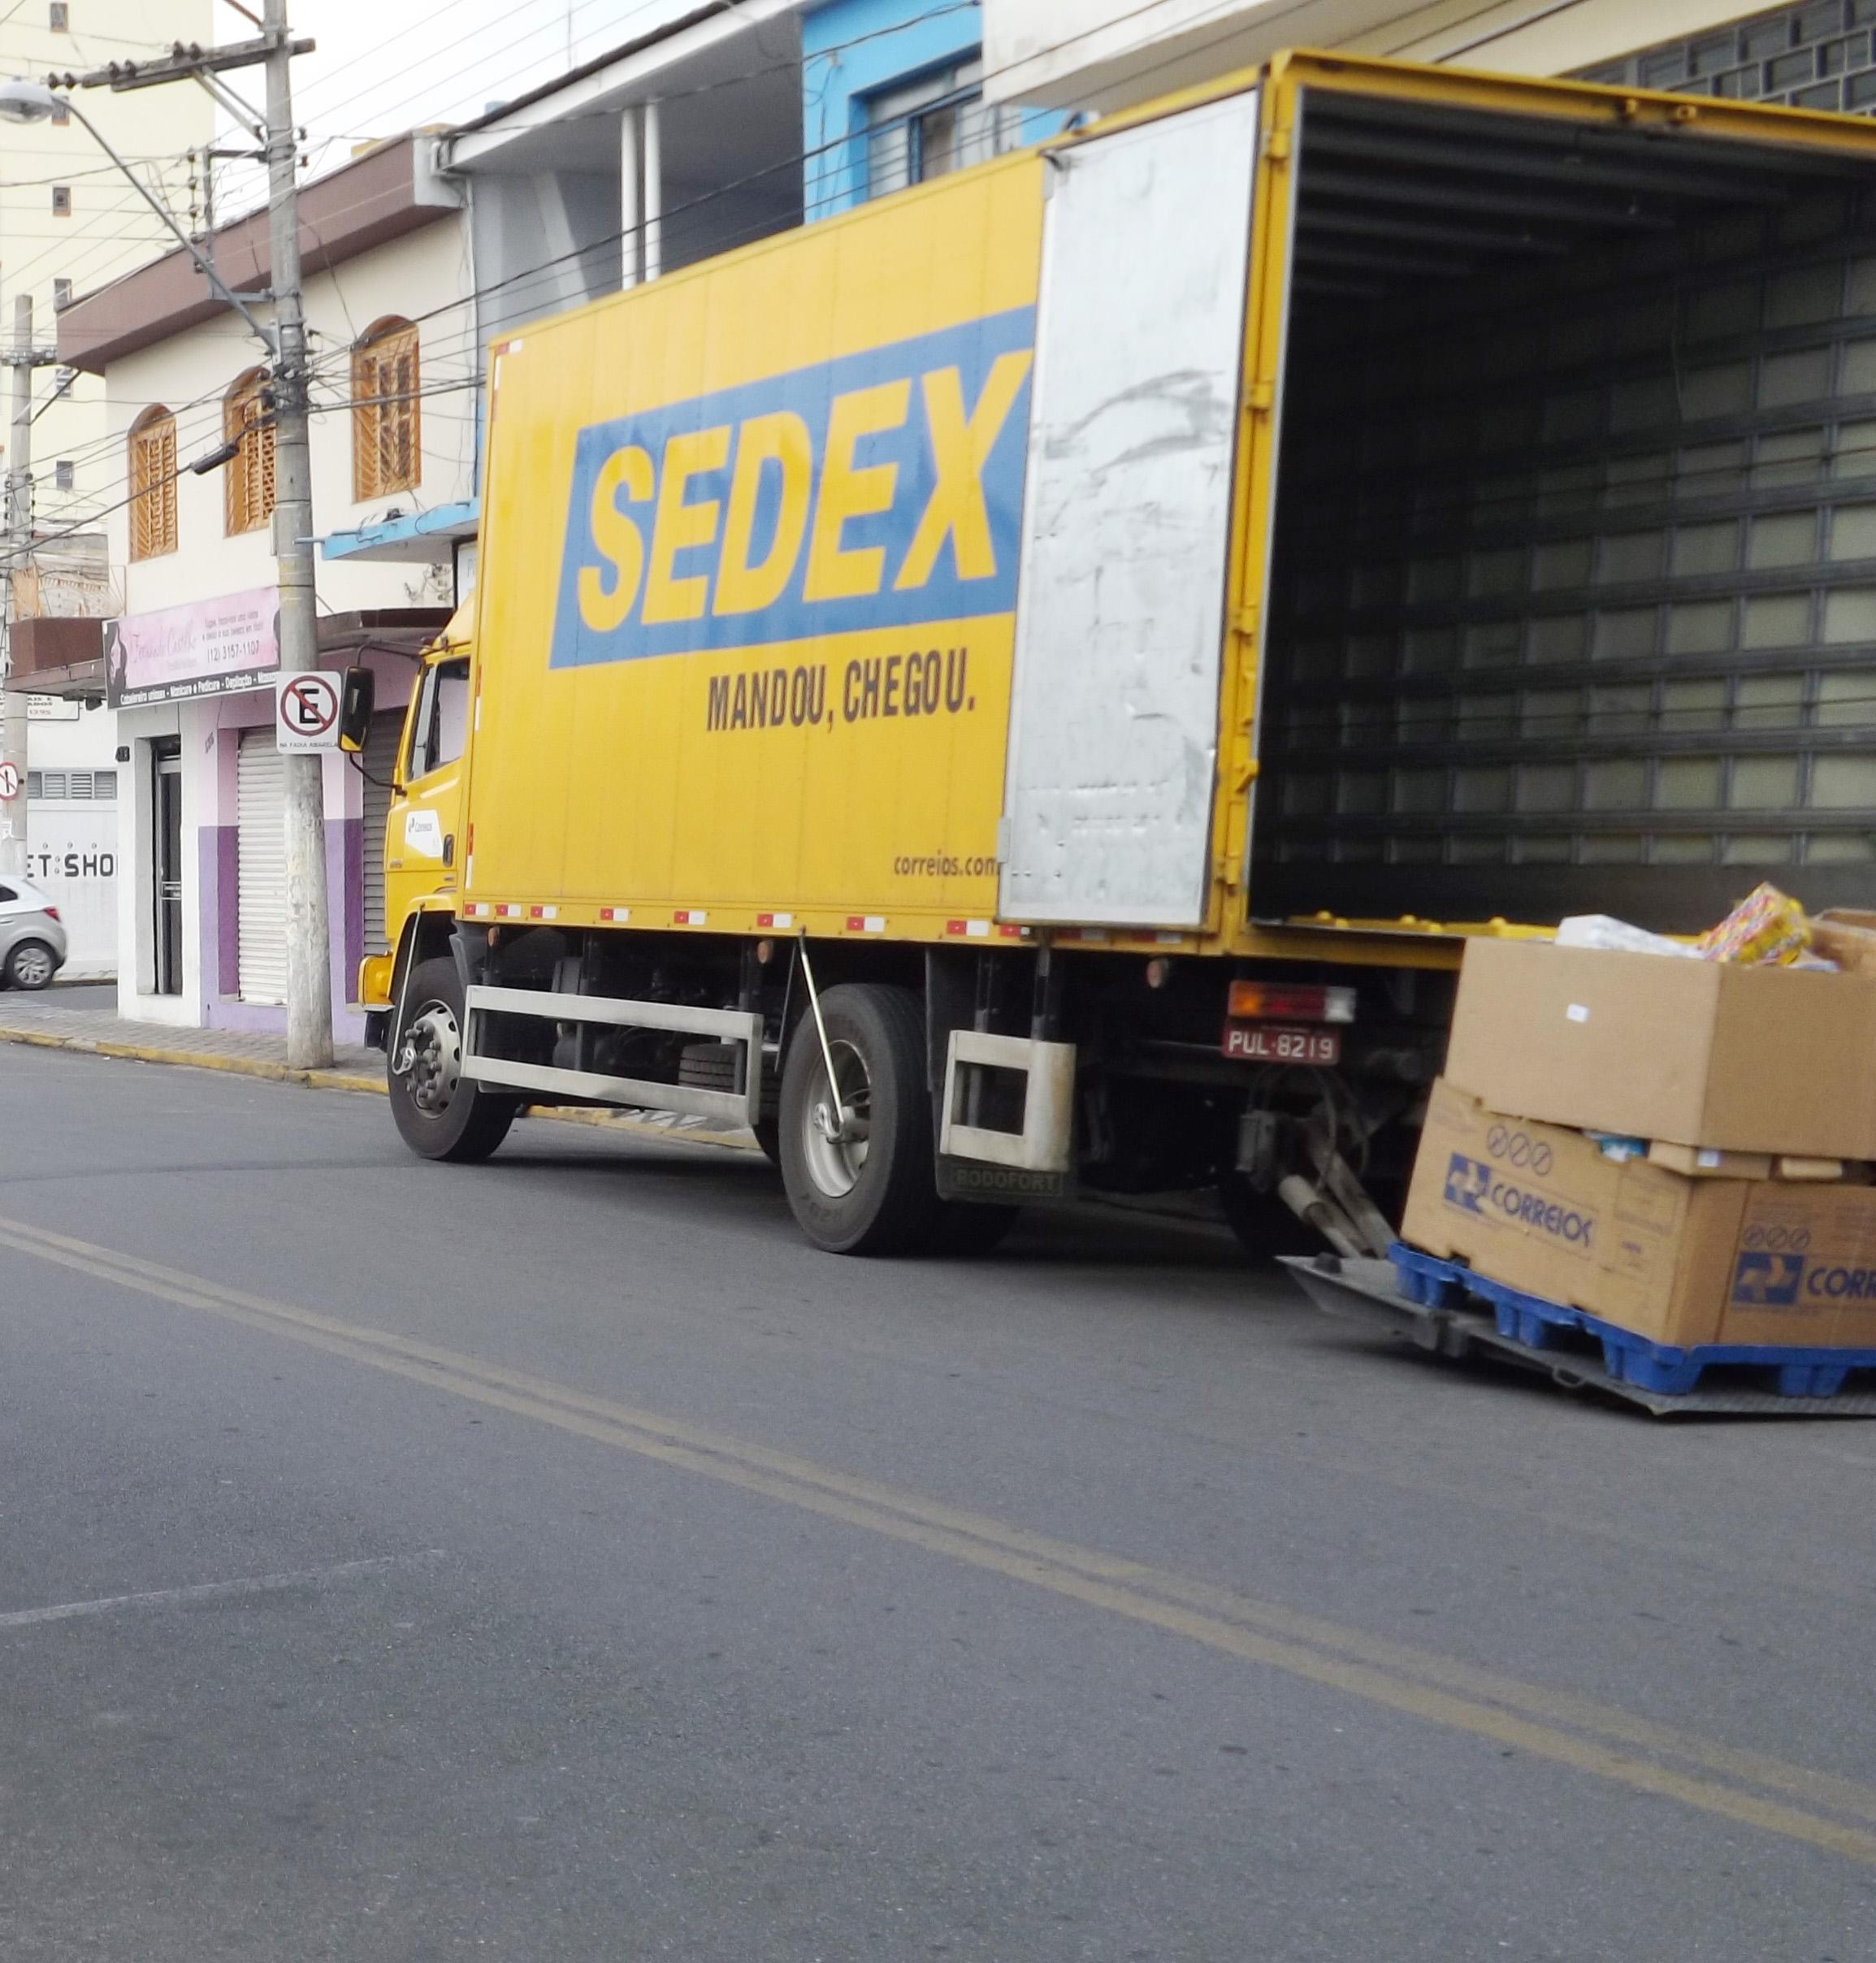 Carregamento de material do Sedex; serviço é alvo de reclamações em Guaratinguetá (Foto: Arquivo Atos)